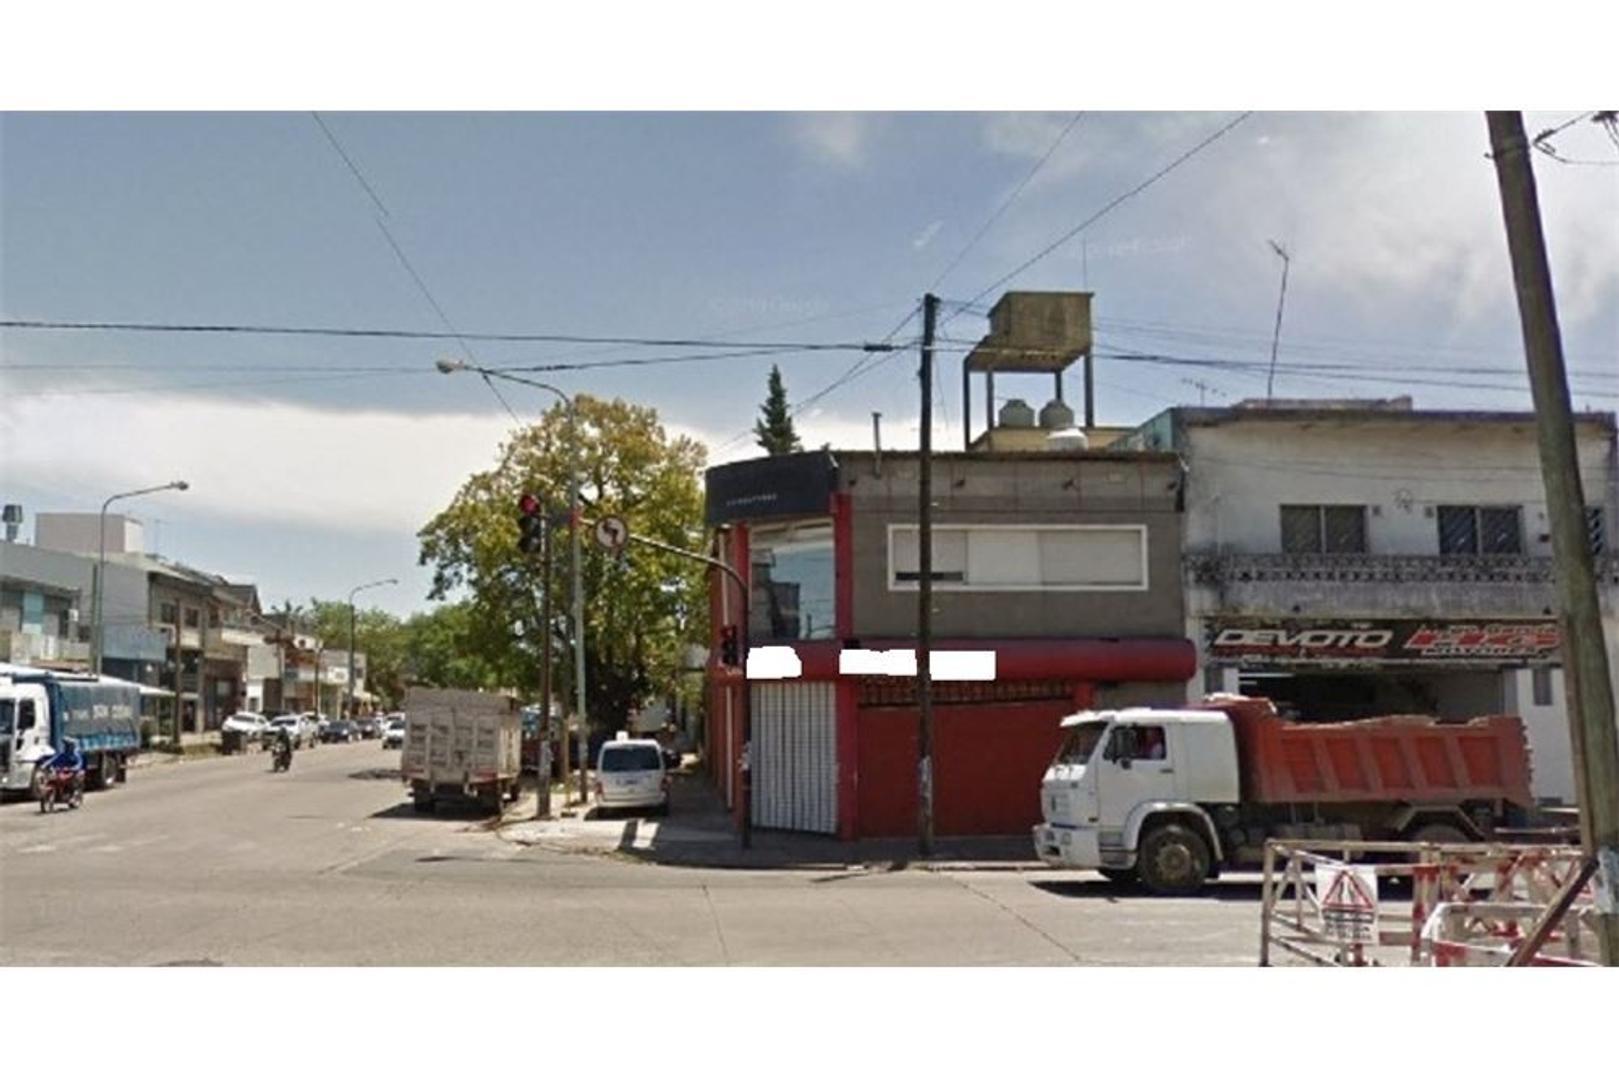 Local de esquina con depósito y vivienda